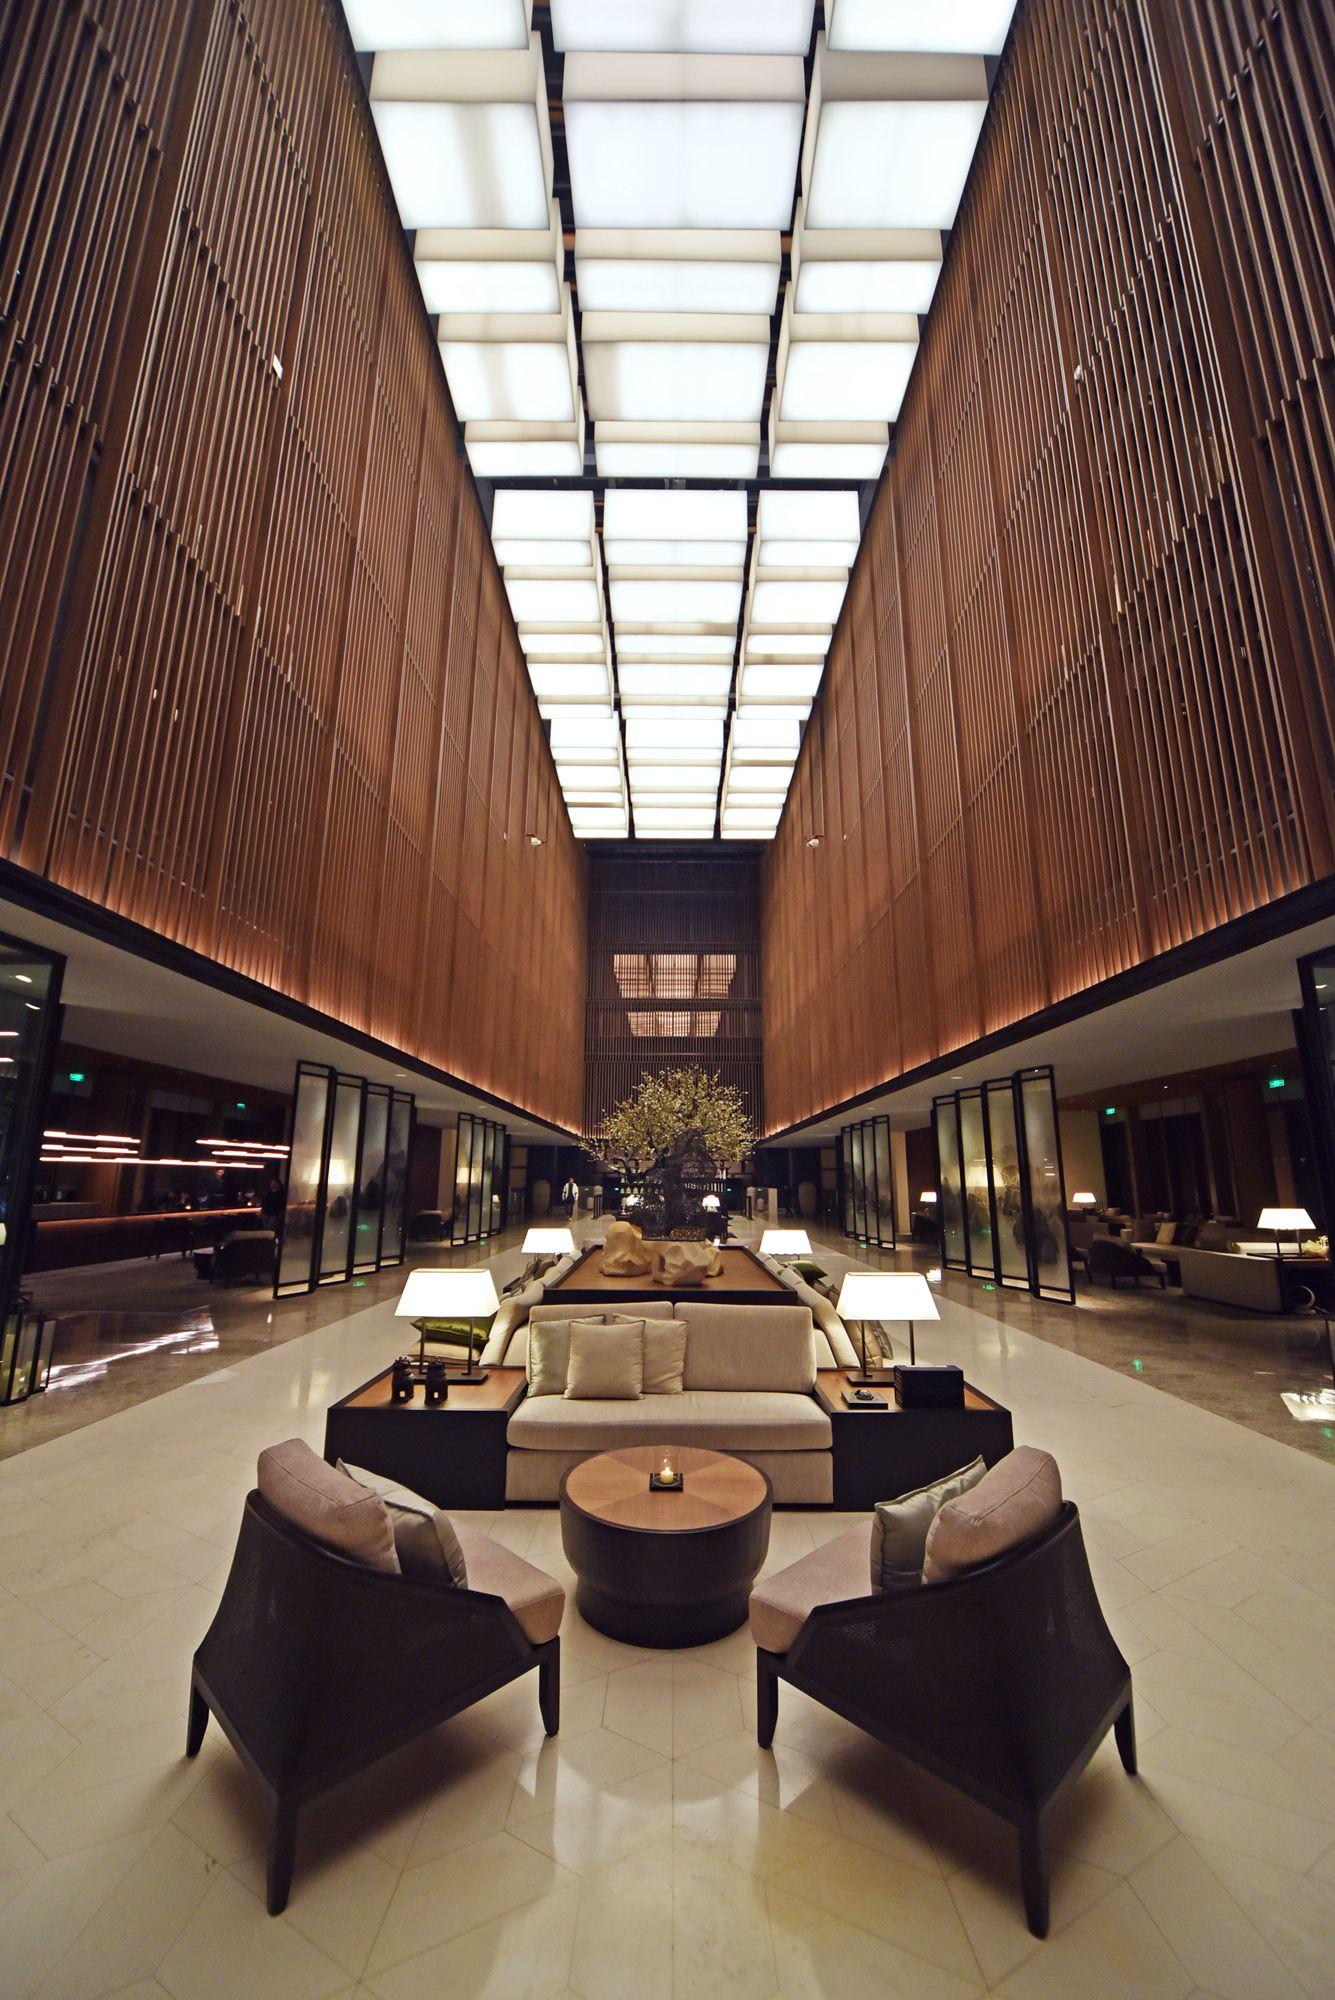 原创            南京涵碧楼,来自台湾的细致与体贴,丰富的体验